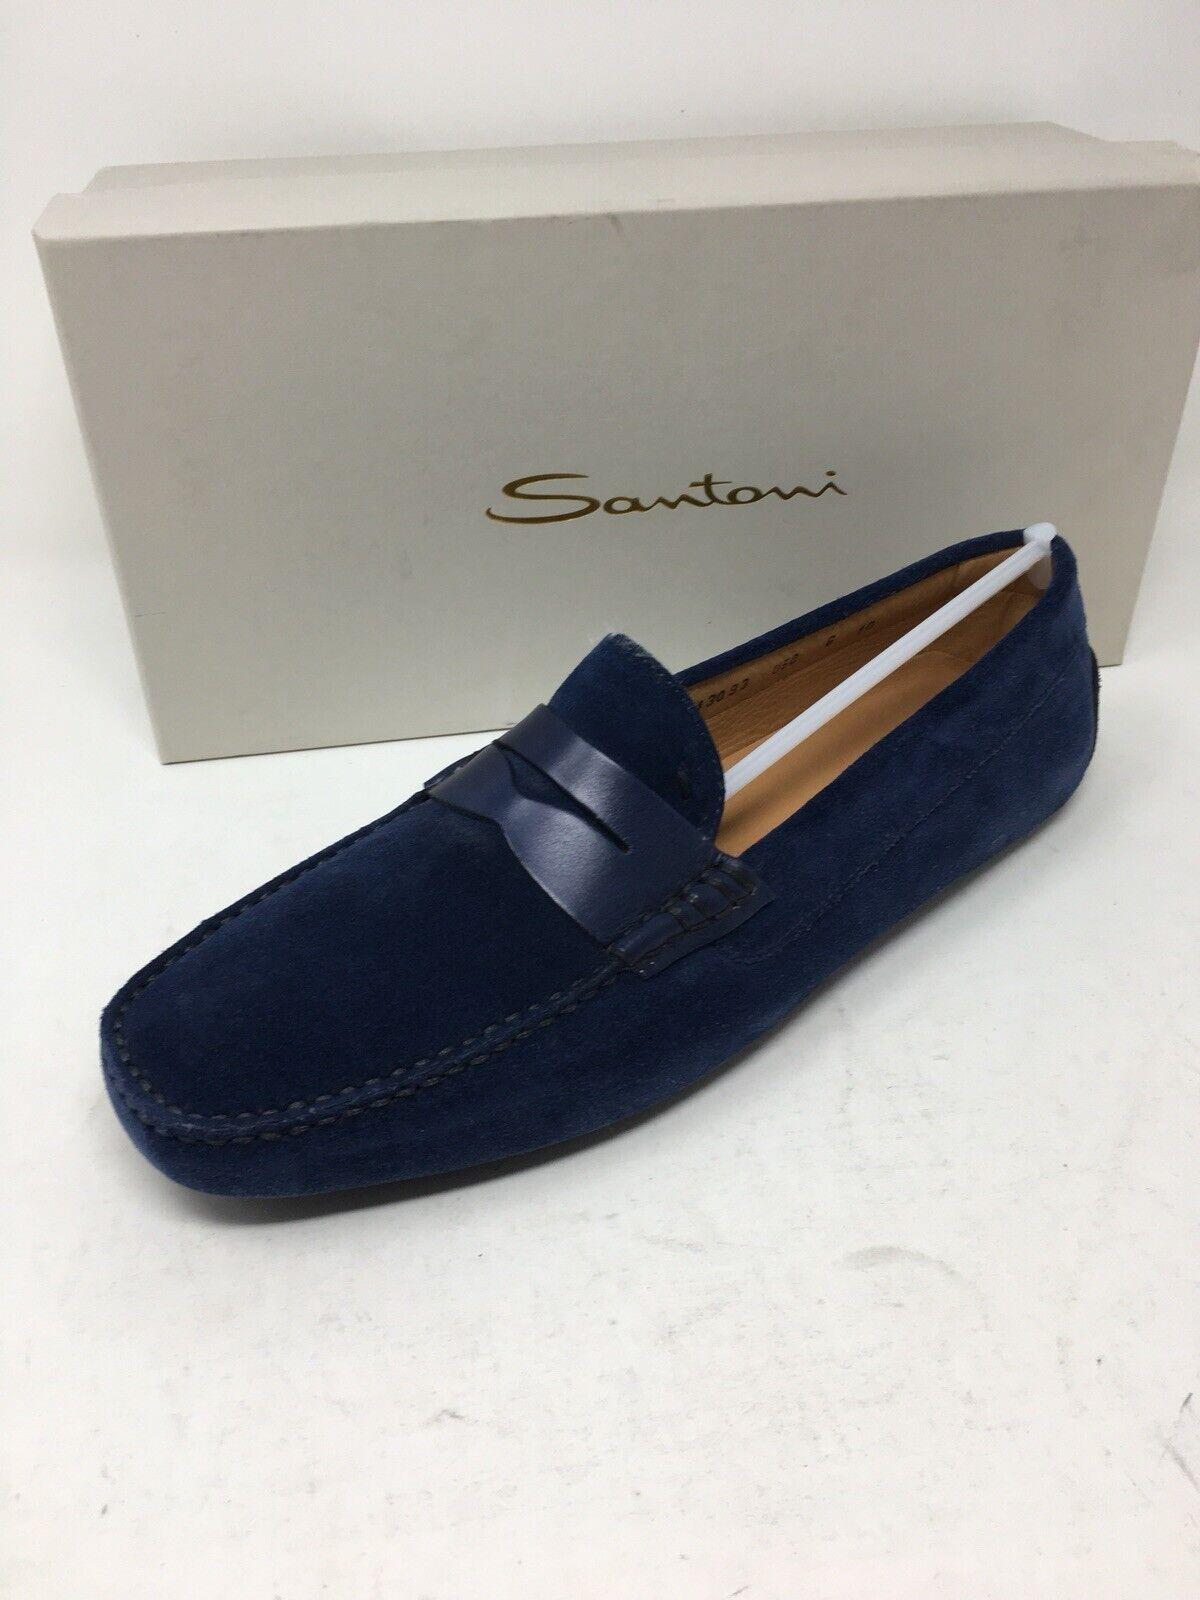 700 nouveau Santoni Pour des hommes bleu chaussures Suede Taille 11 US 10 UK 44 EU